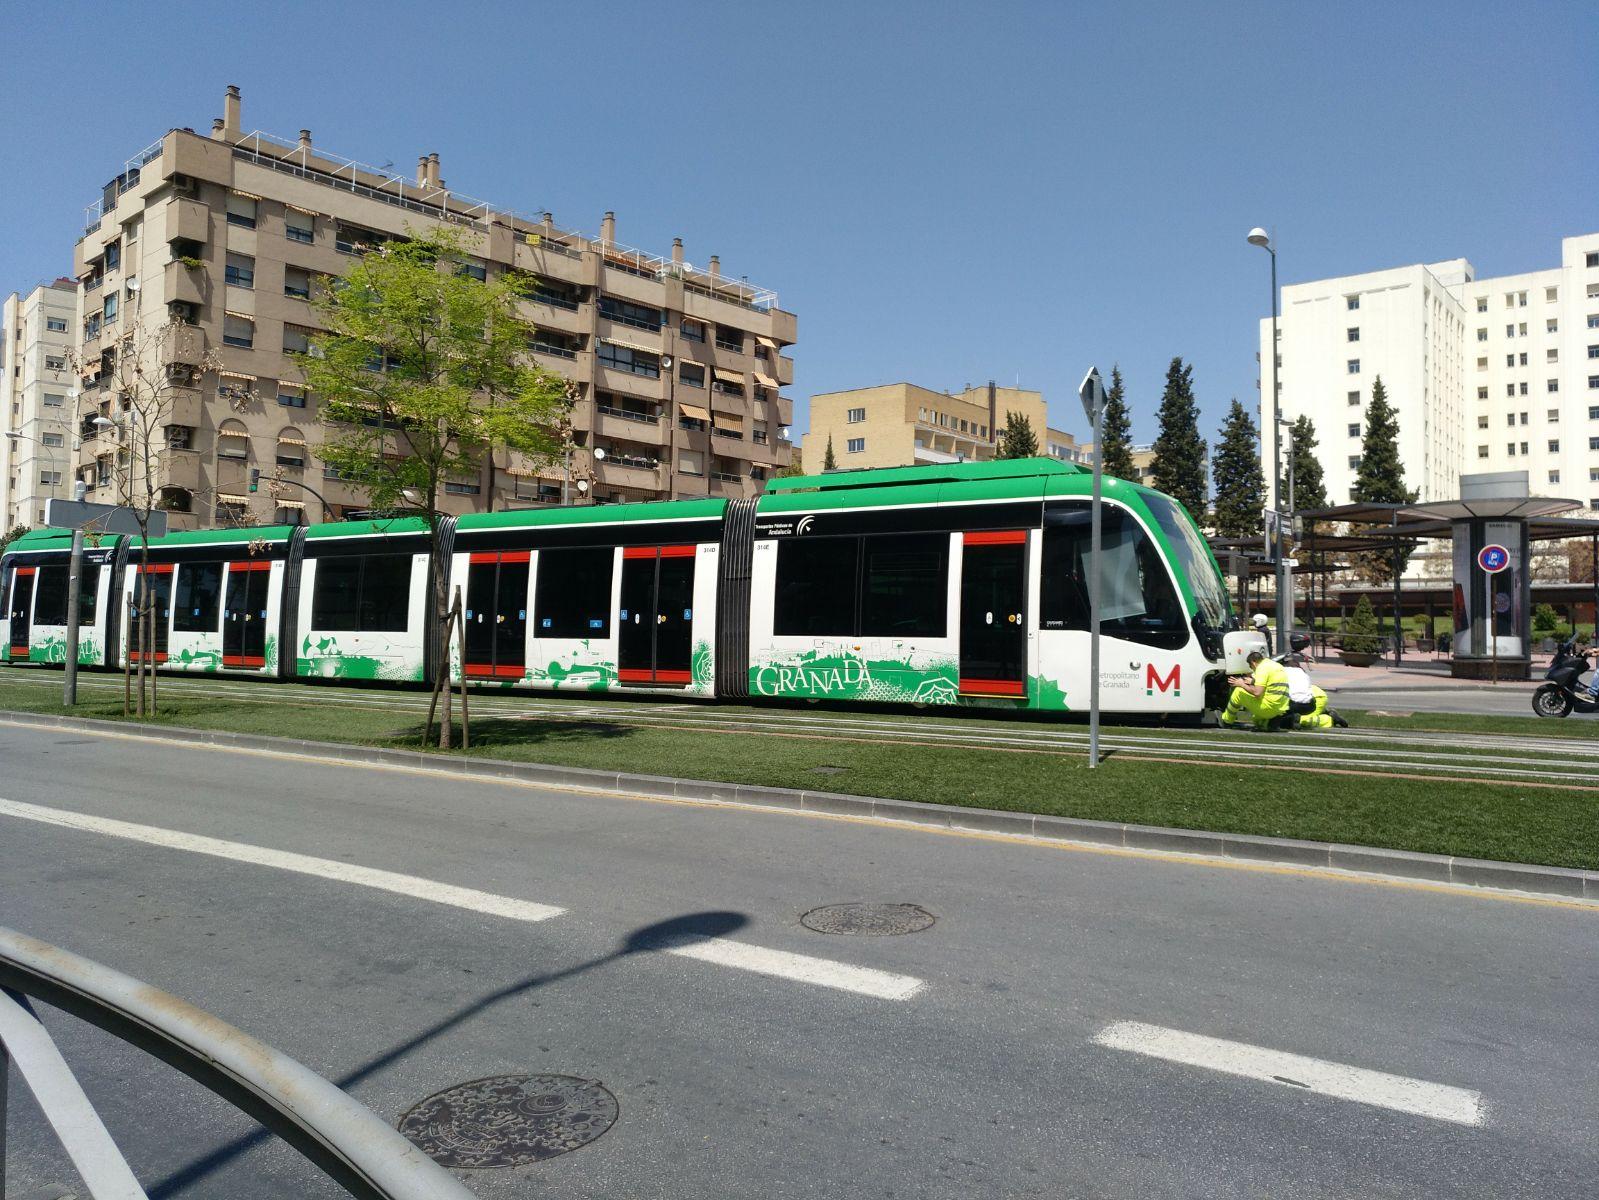 Avería en una unidad del metro de Granada